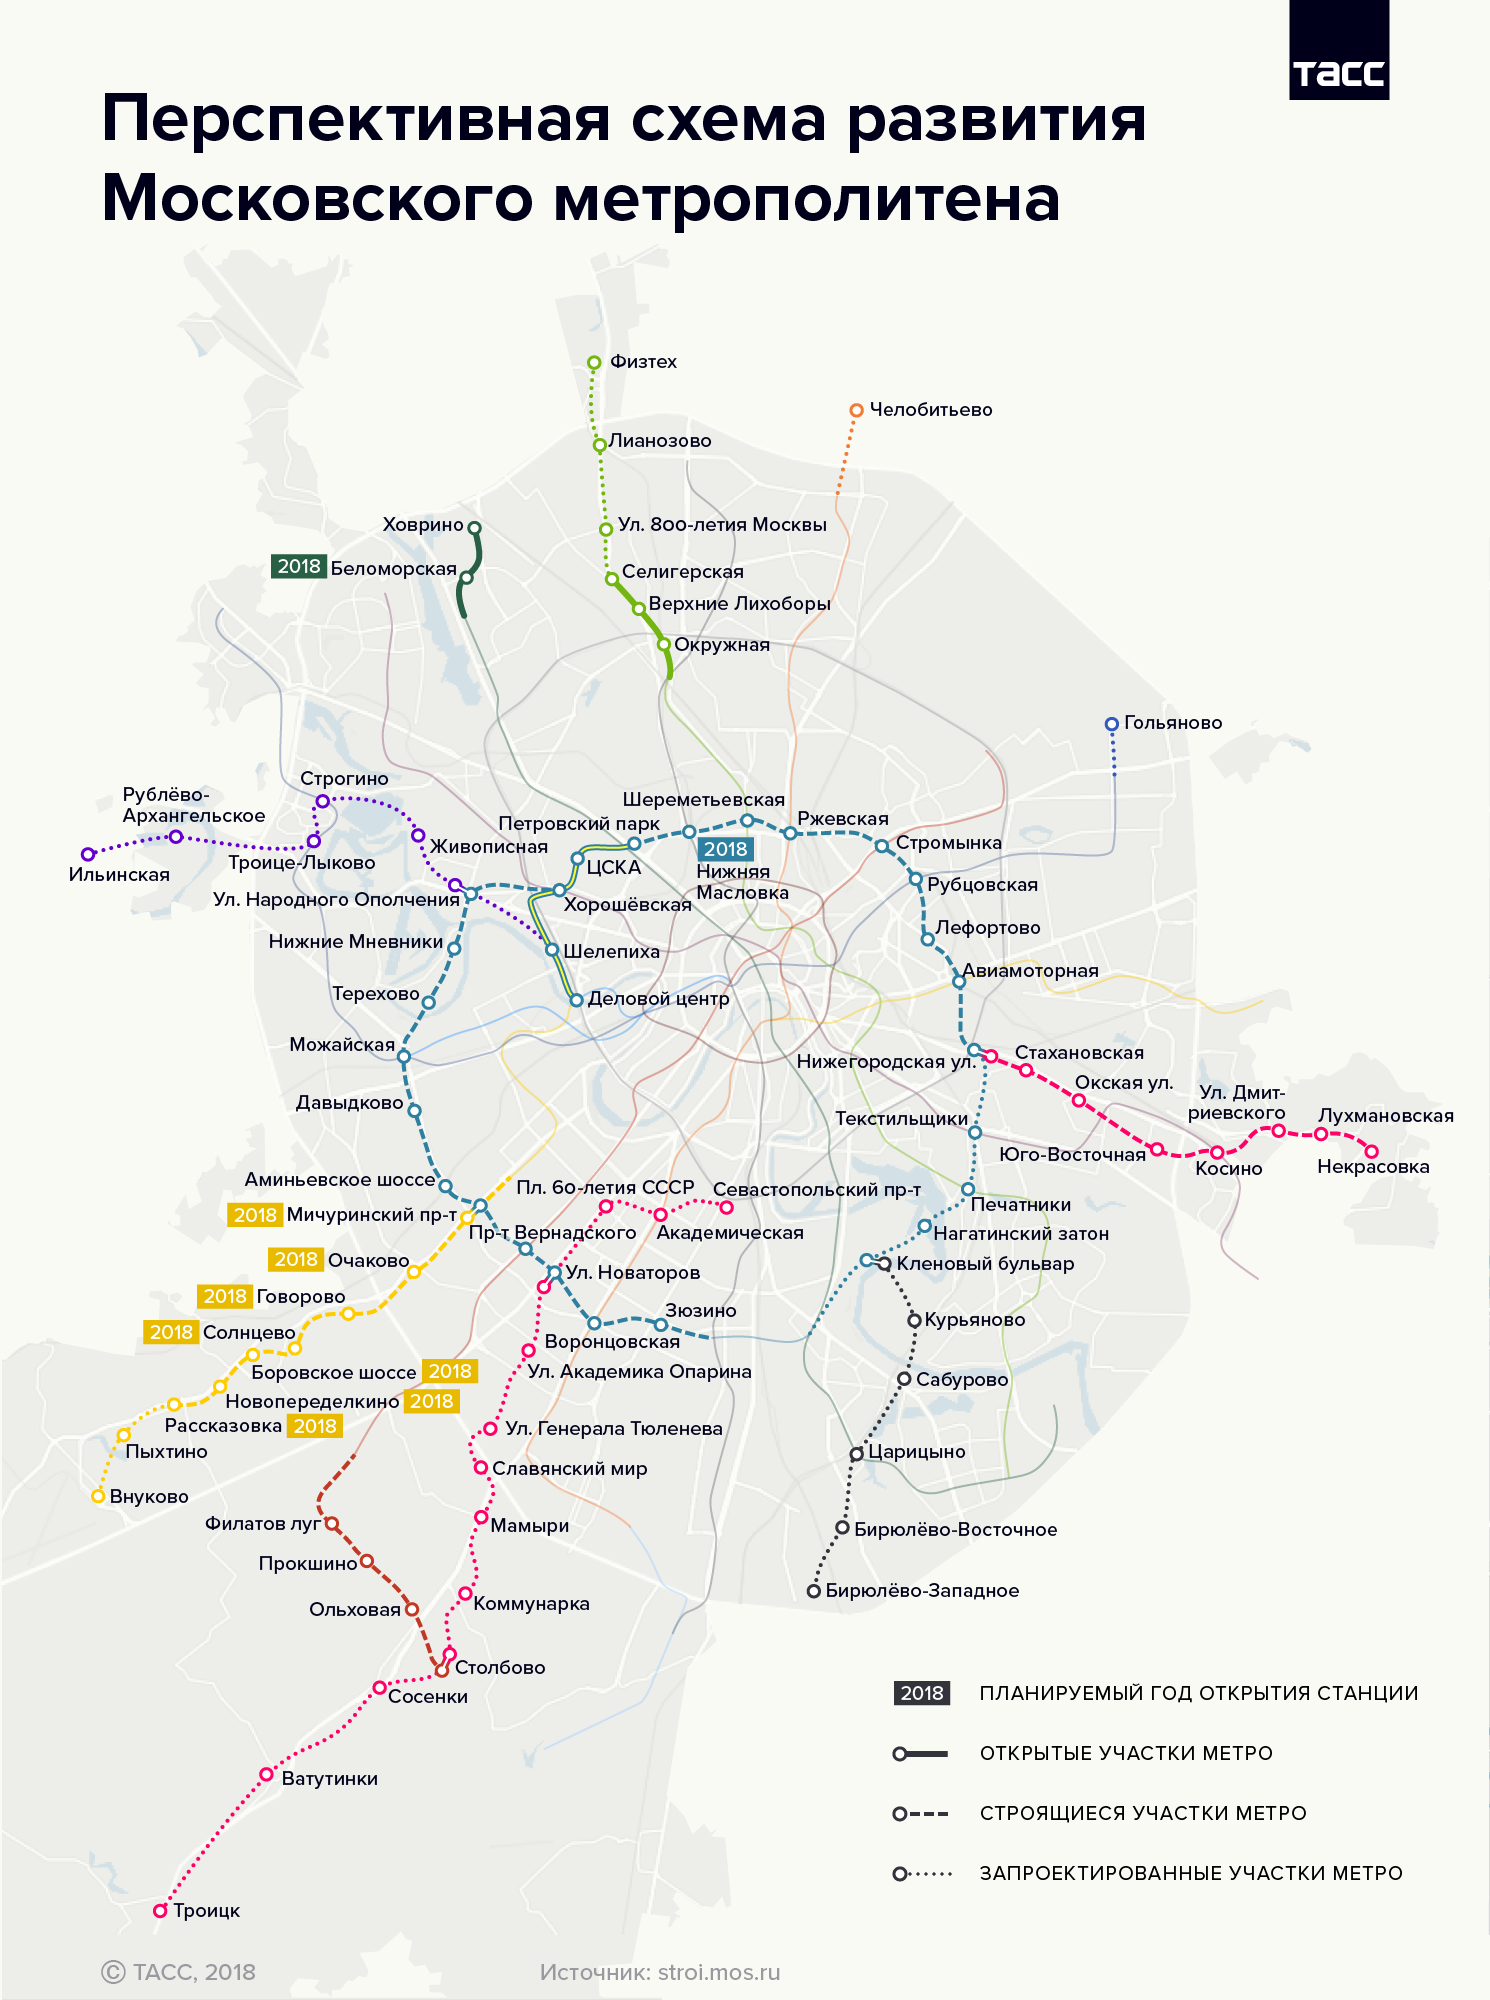 Перспективная схема развития Московского метрополитена